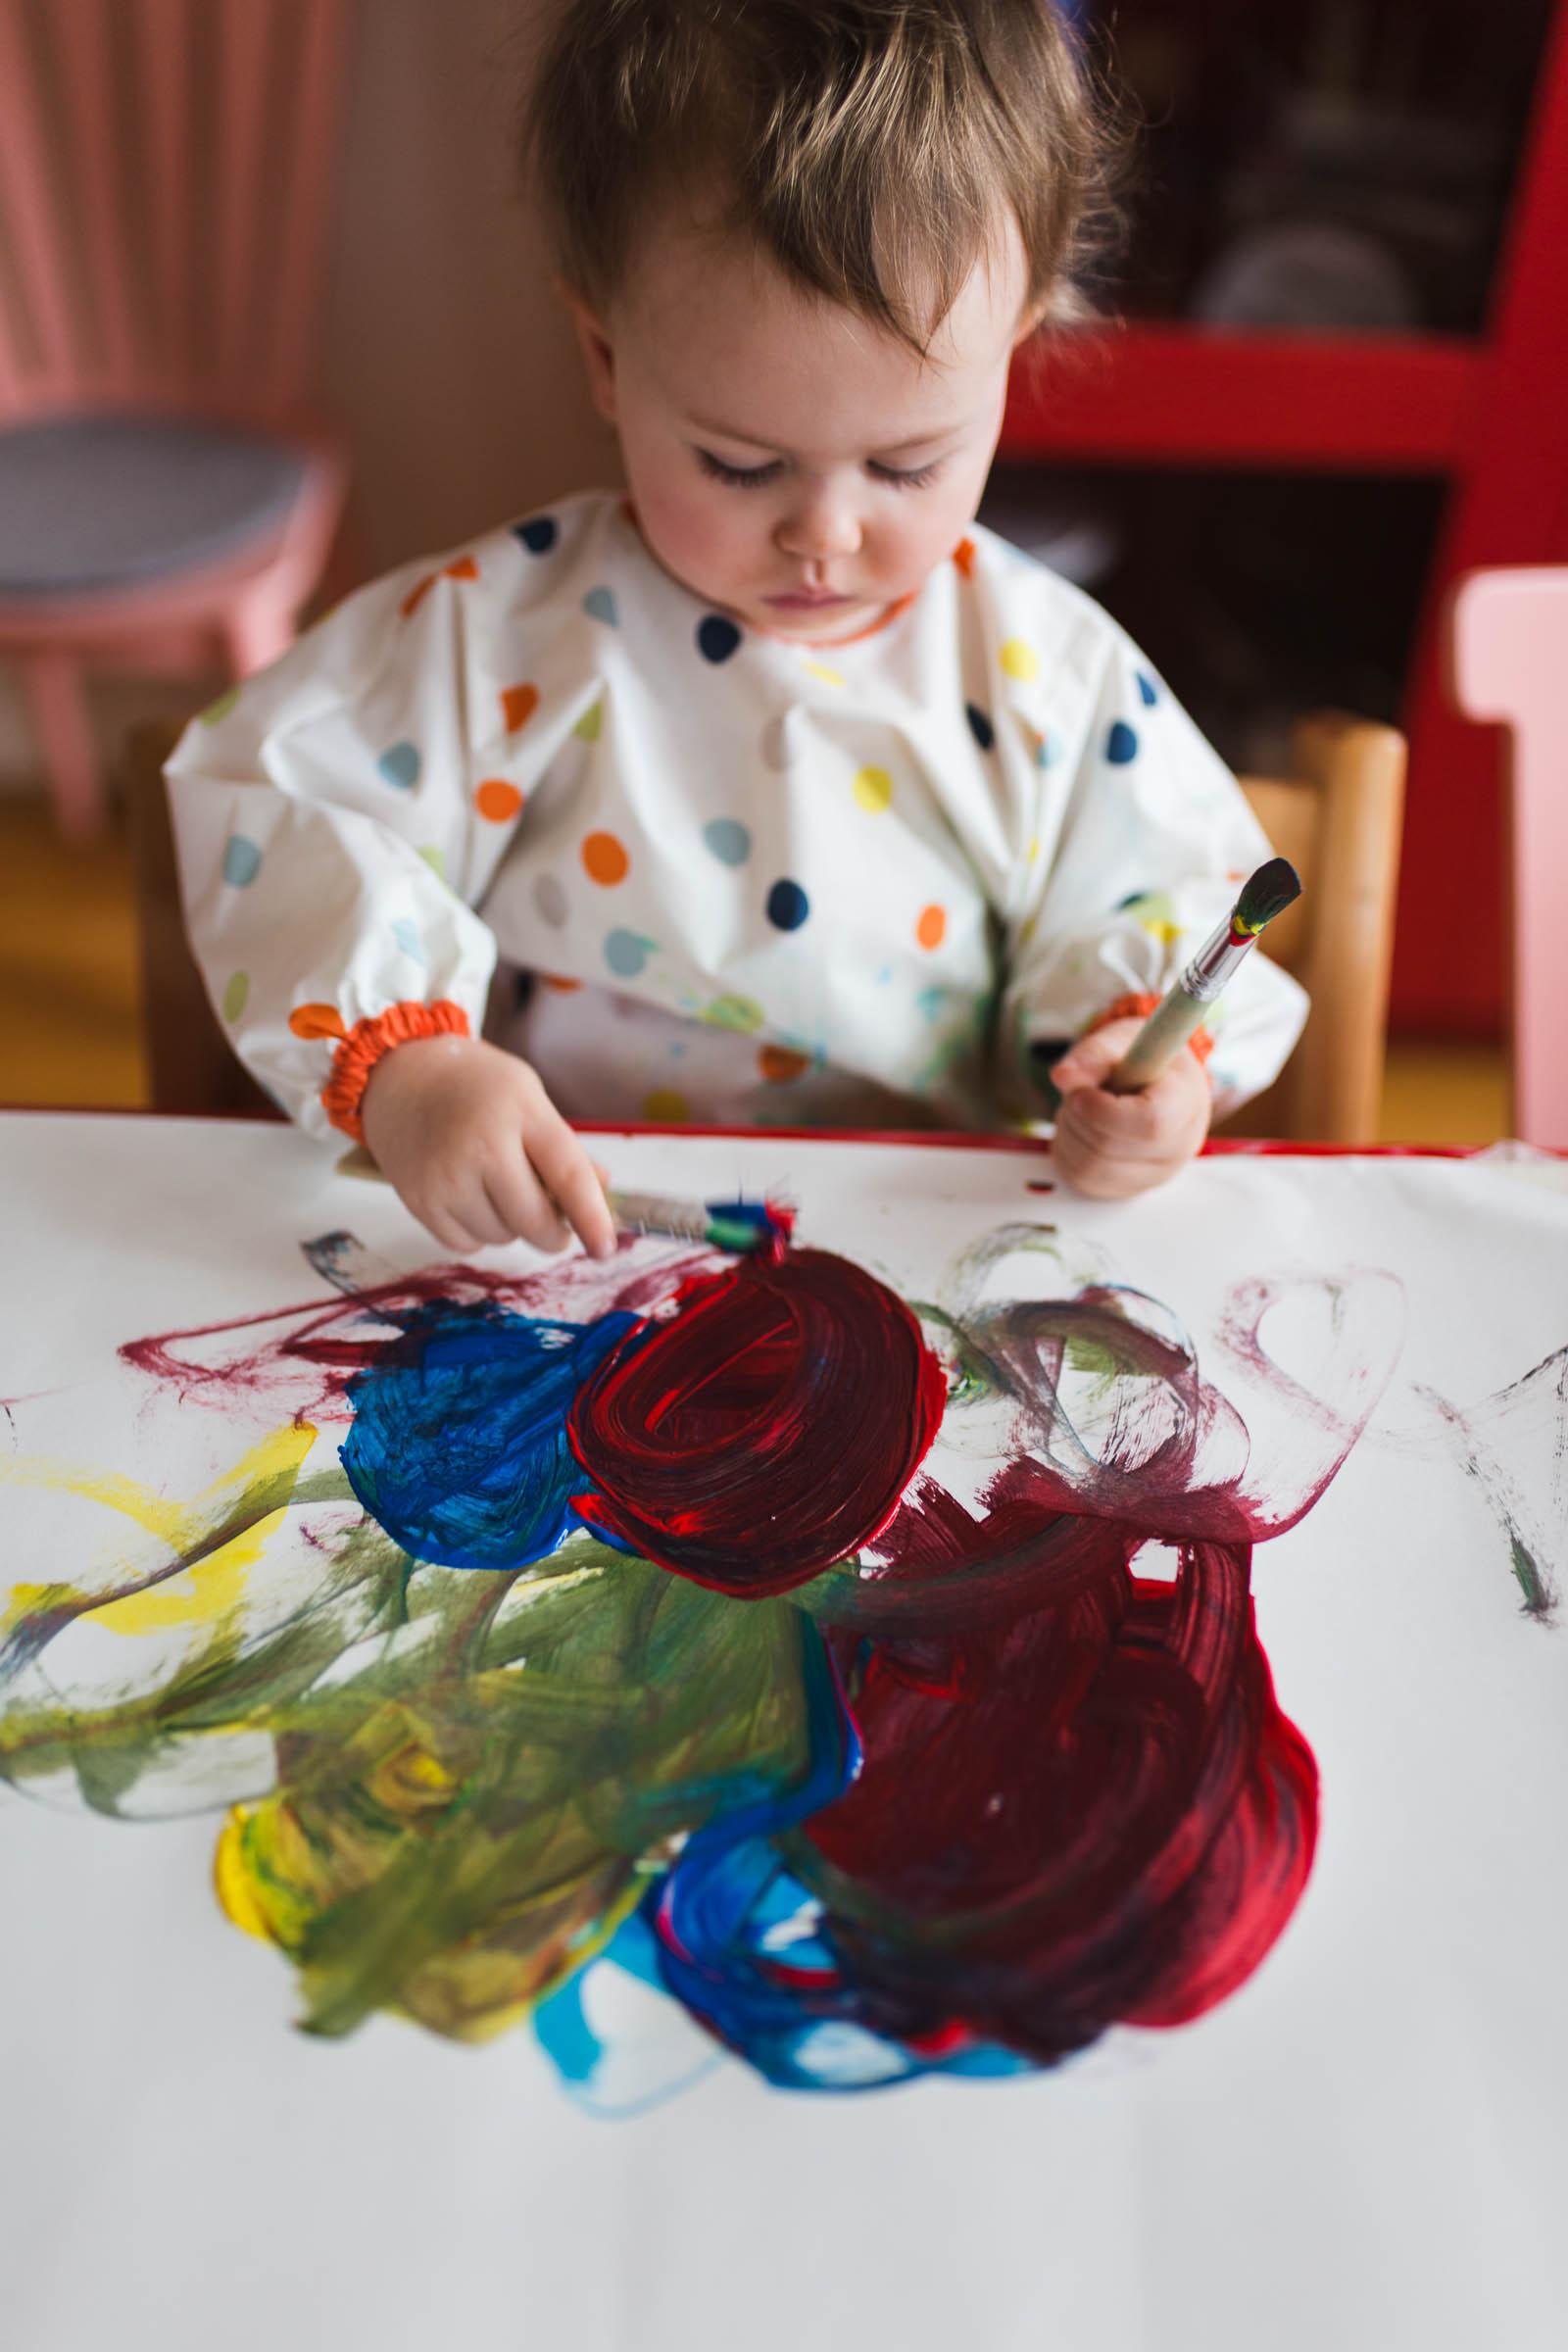 Perfekt vabbsyssla, måla med pensel